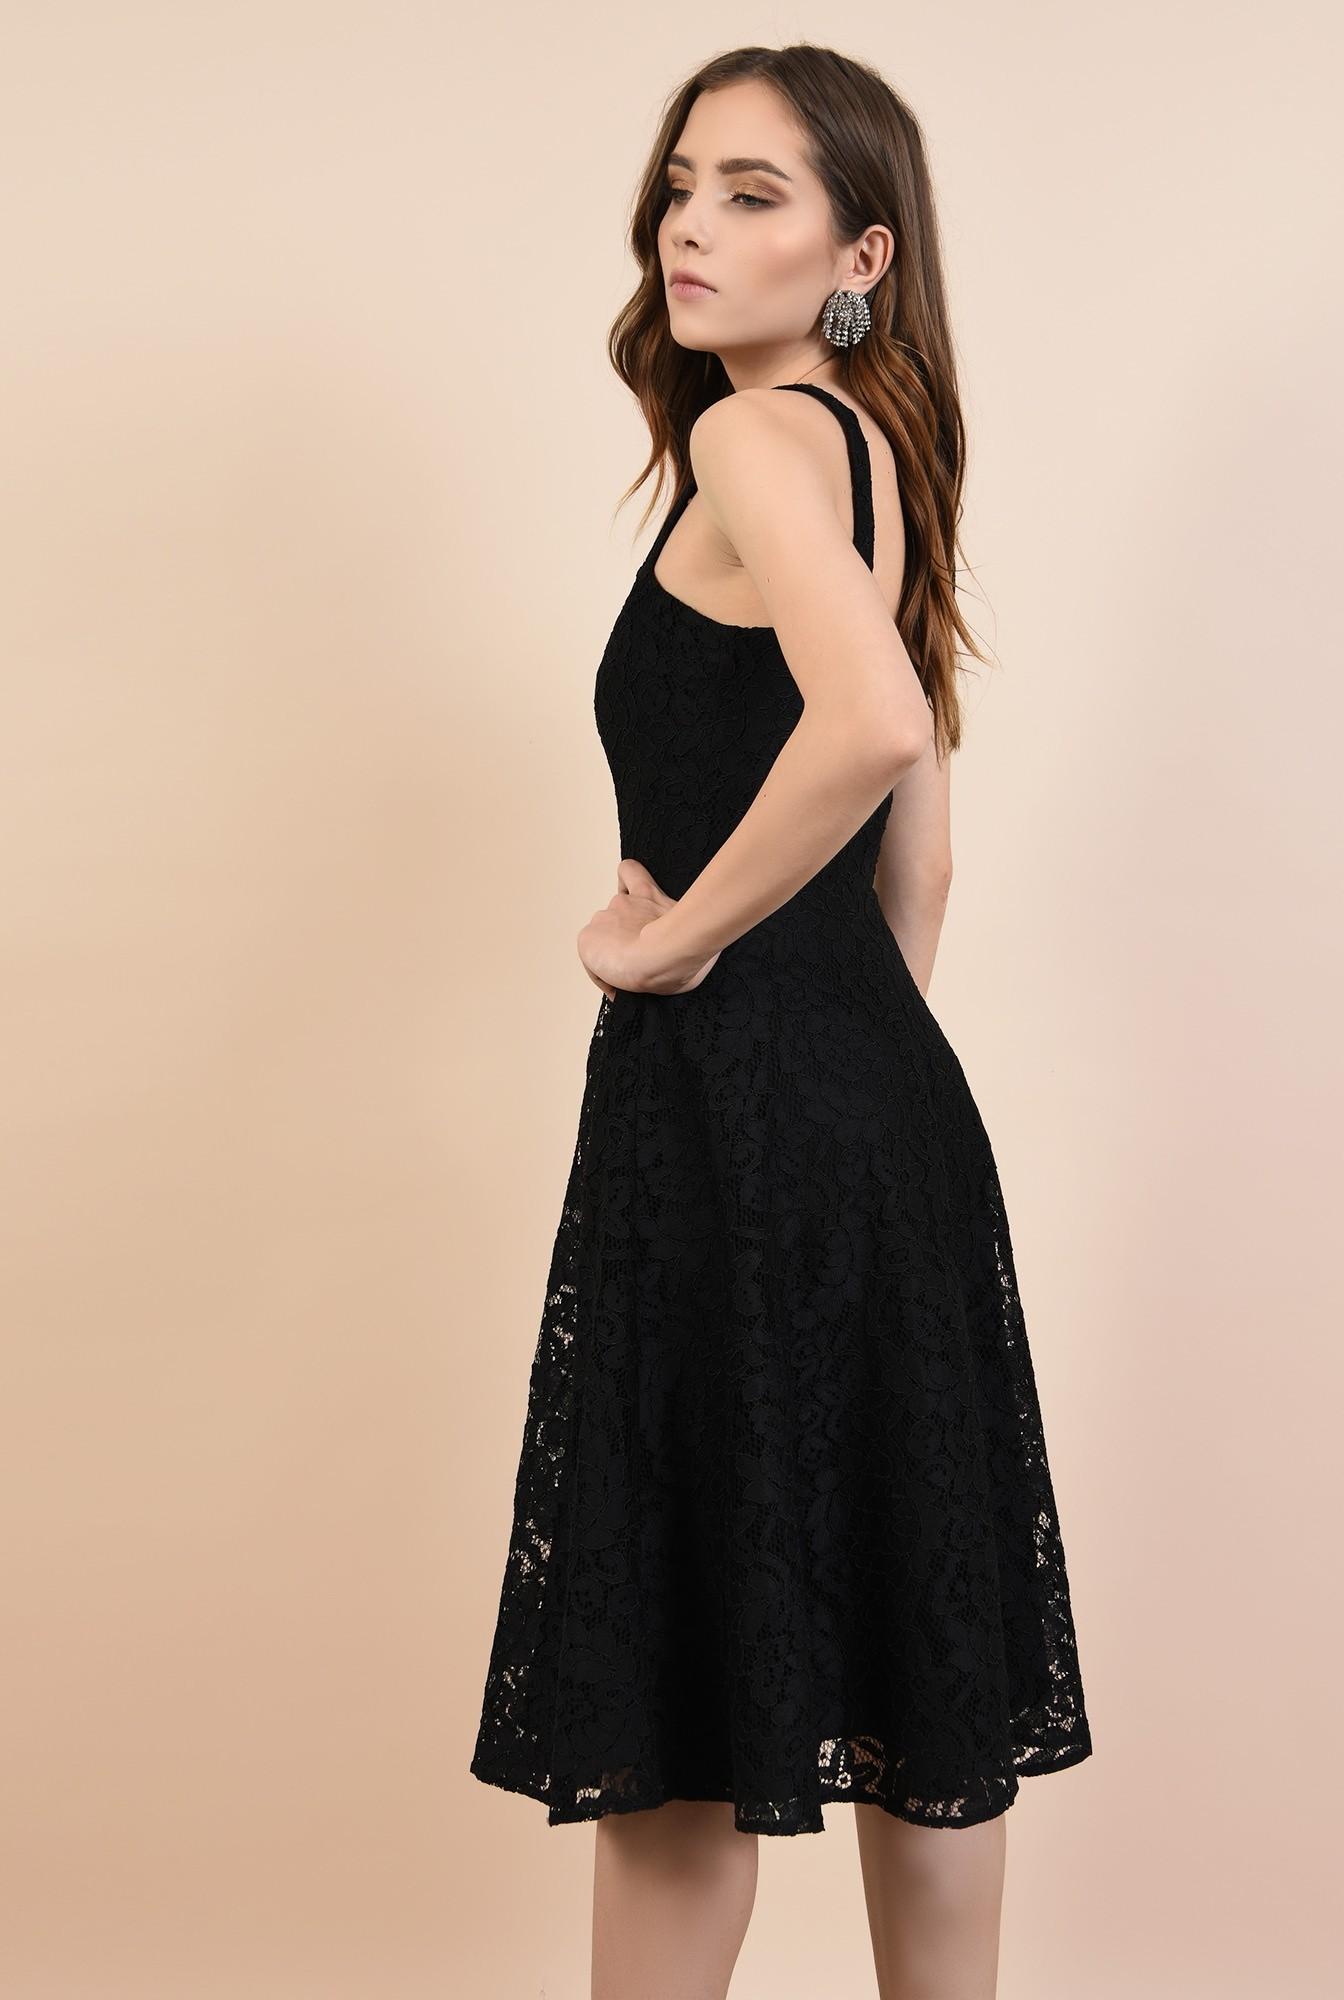 1 - rochie de ocazie, neagra, din dantela, cu bretele, croi evazat, Poema